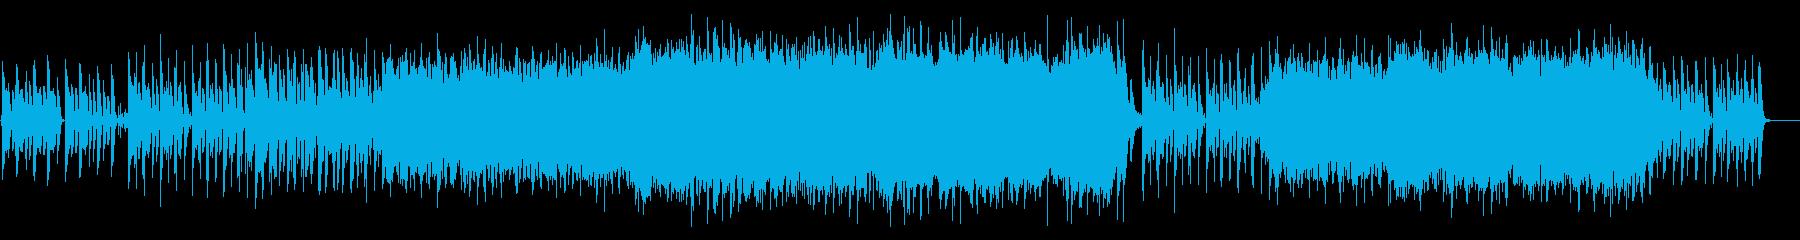 軽やかで明るくなれる日常系BGMの再生済みの波形